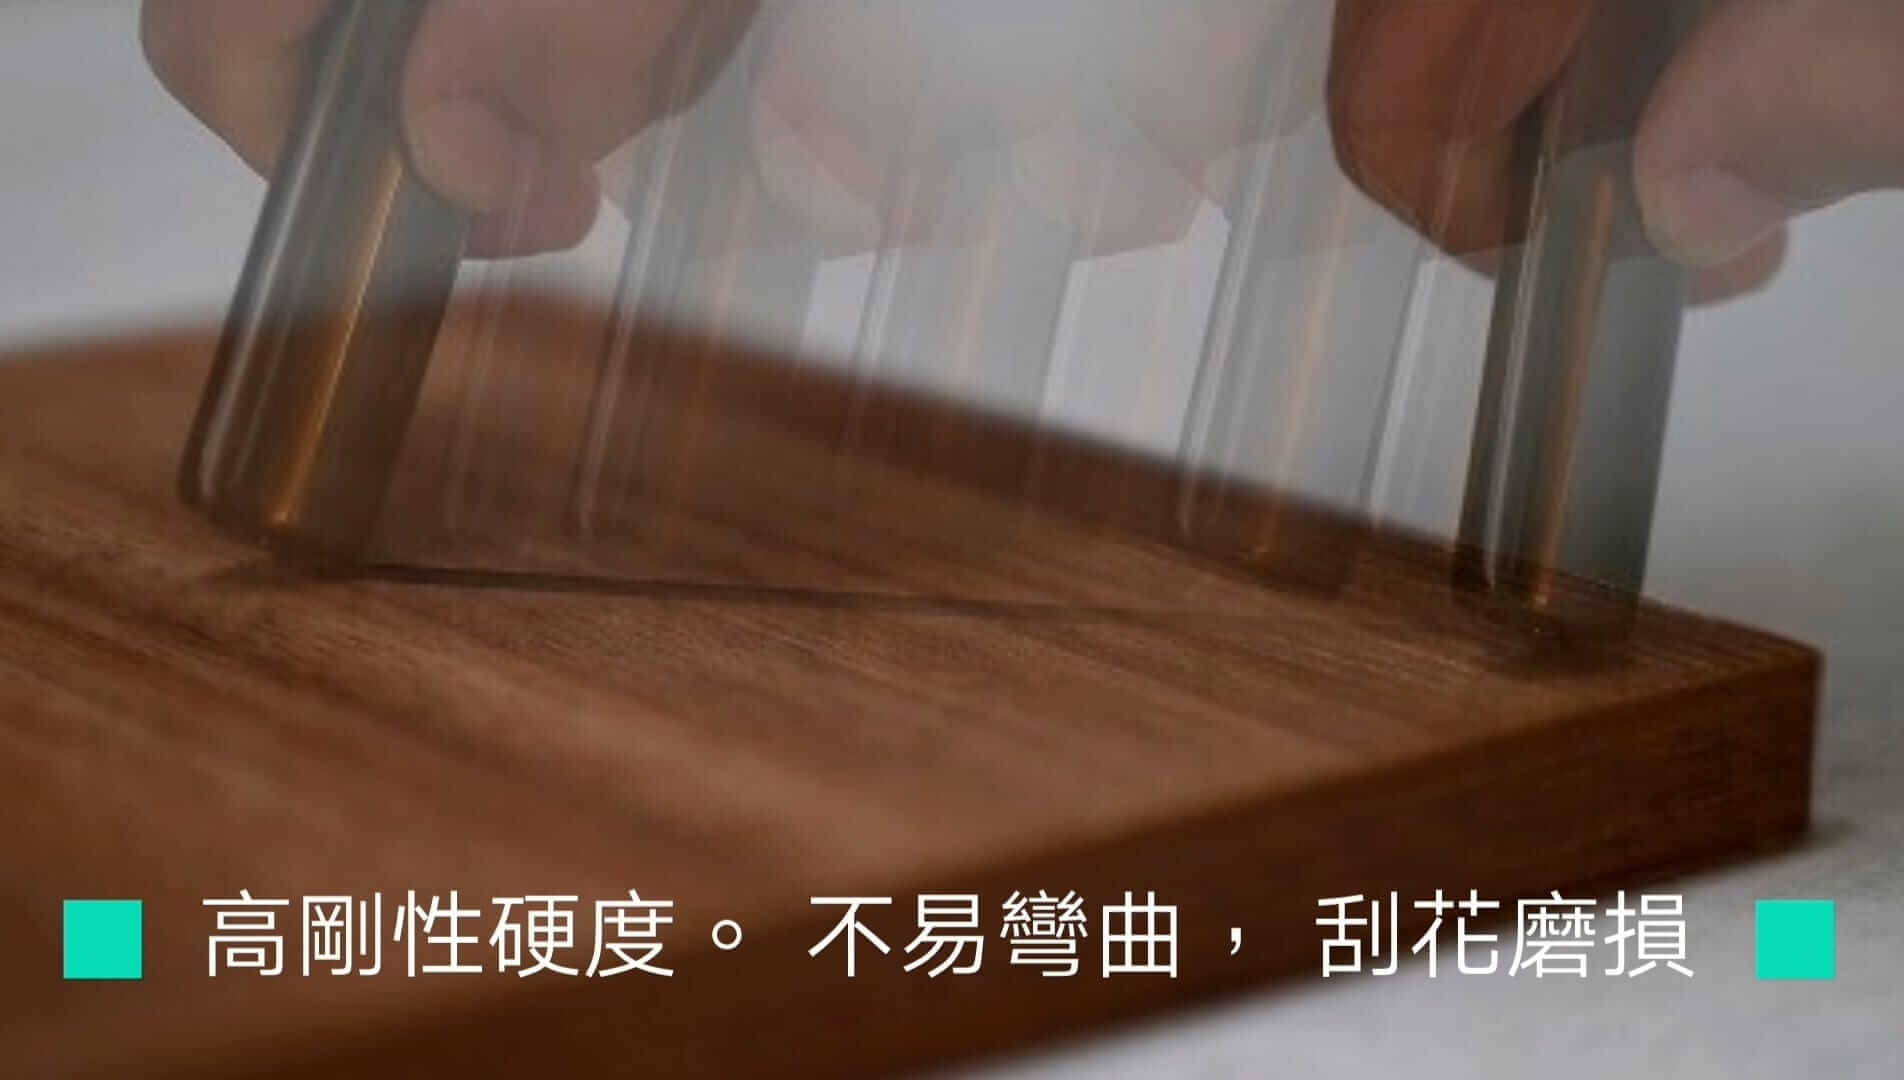 傢俬抗磨防污板材